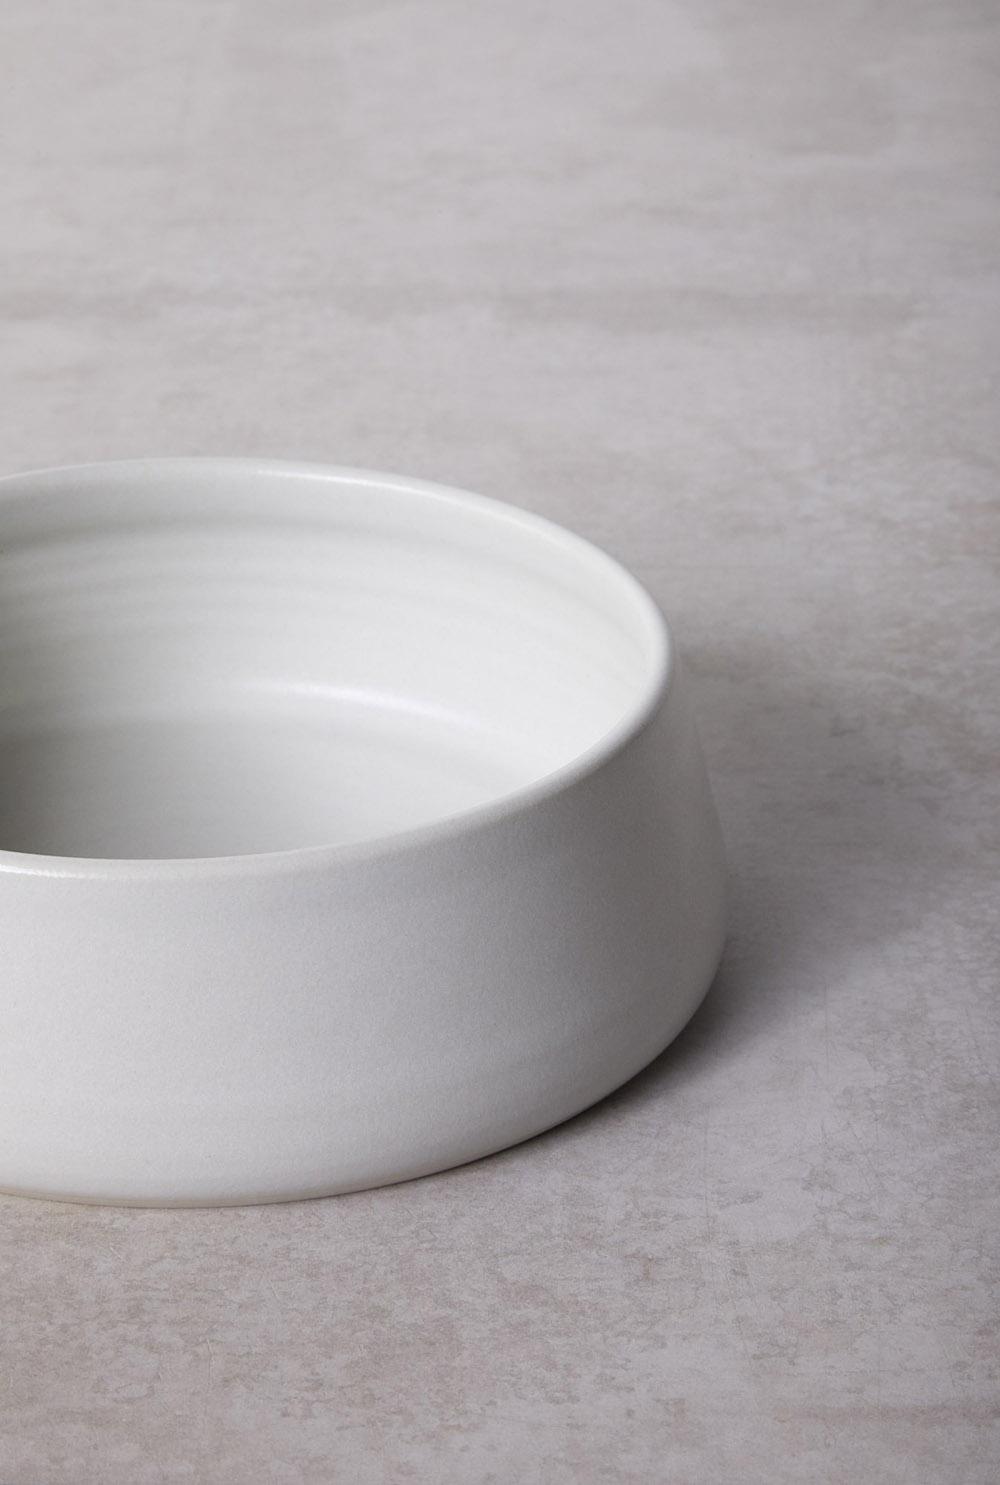 Medium - Light Grey Glaze Finish